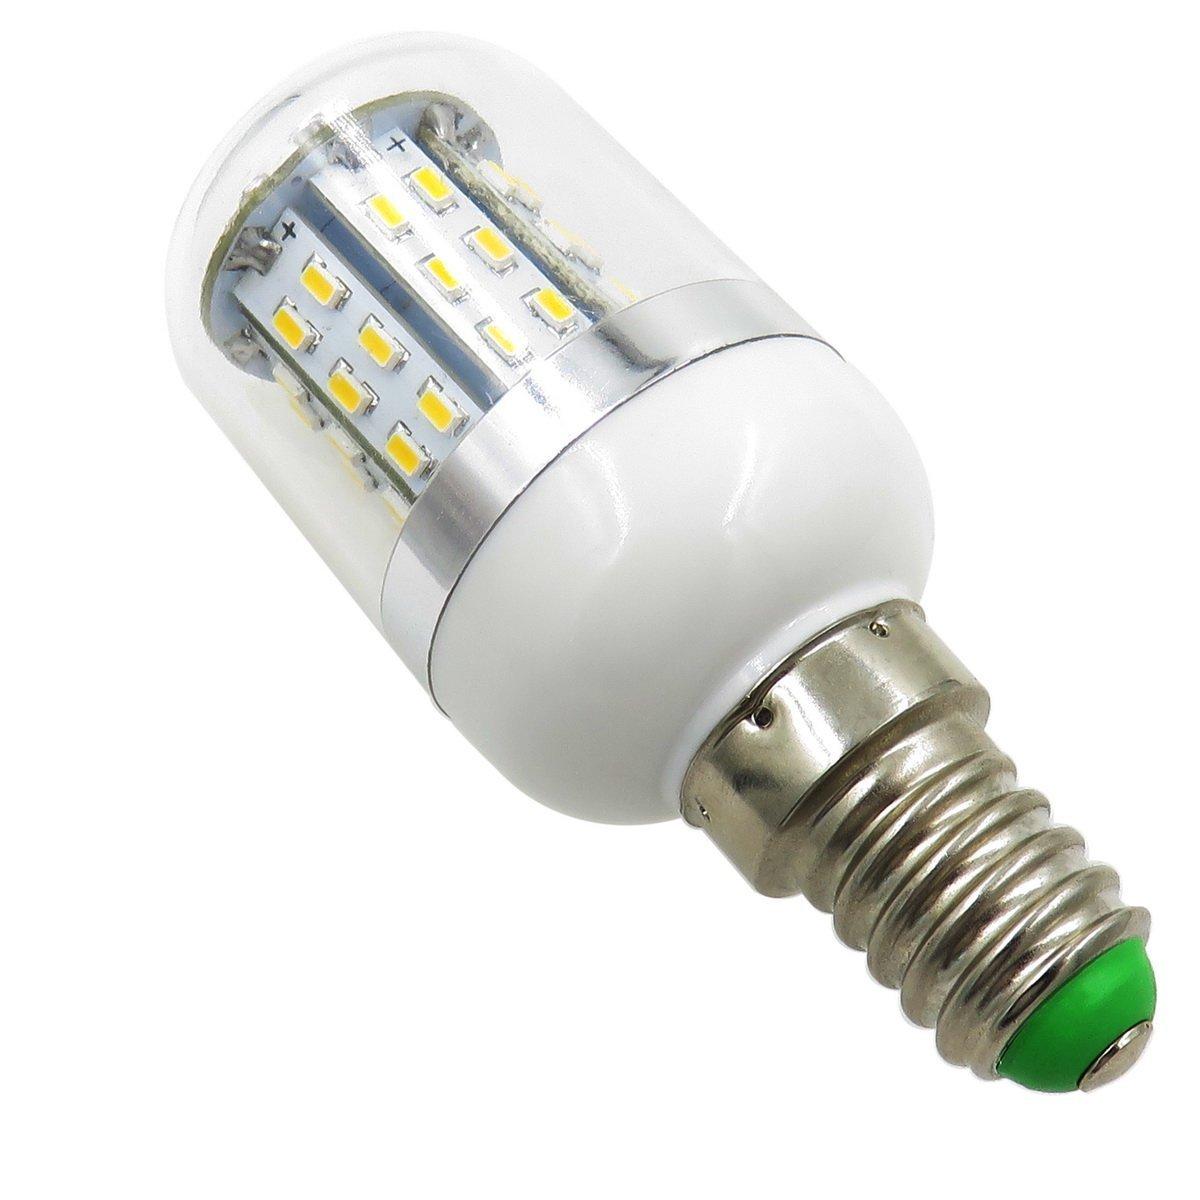 WIMEX 4102735 24V 25W E14 LAMPADINE BASSA TENSIONE 24V X BASCULANTI